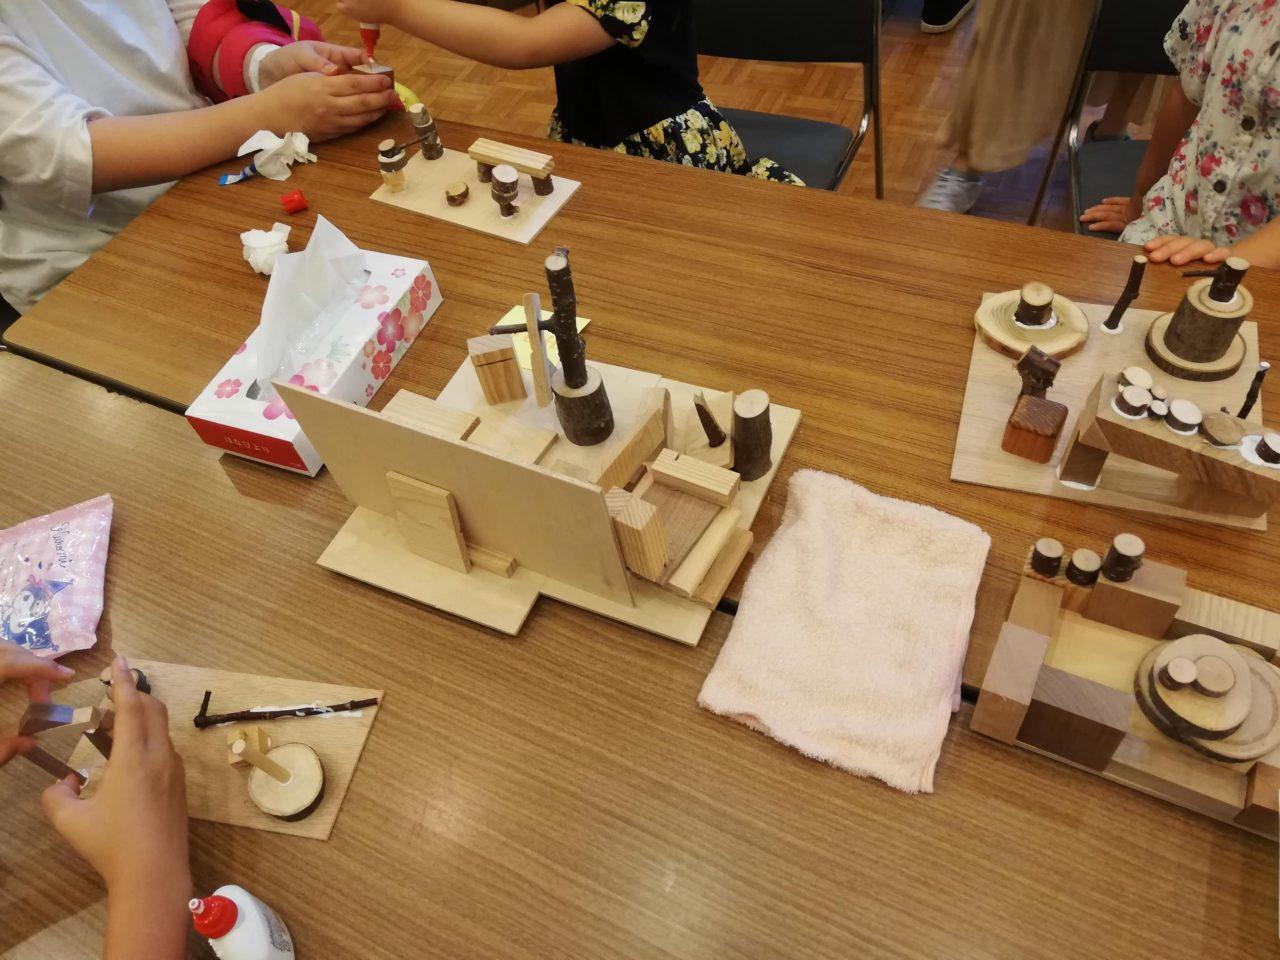 先日江別市民会館で行われた子供向けのイベント、そのワークショップの様子です。  色々なお子さんに気軽に体験して頂けるよう私のブースでは、木の木っ端をボンドでくっつけていく「ちびつみ木」を行いました。  各ブースで銀行体験やコンビニ体験など行われる中、子供たちで賑わいました。